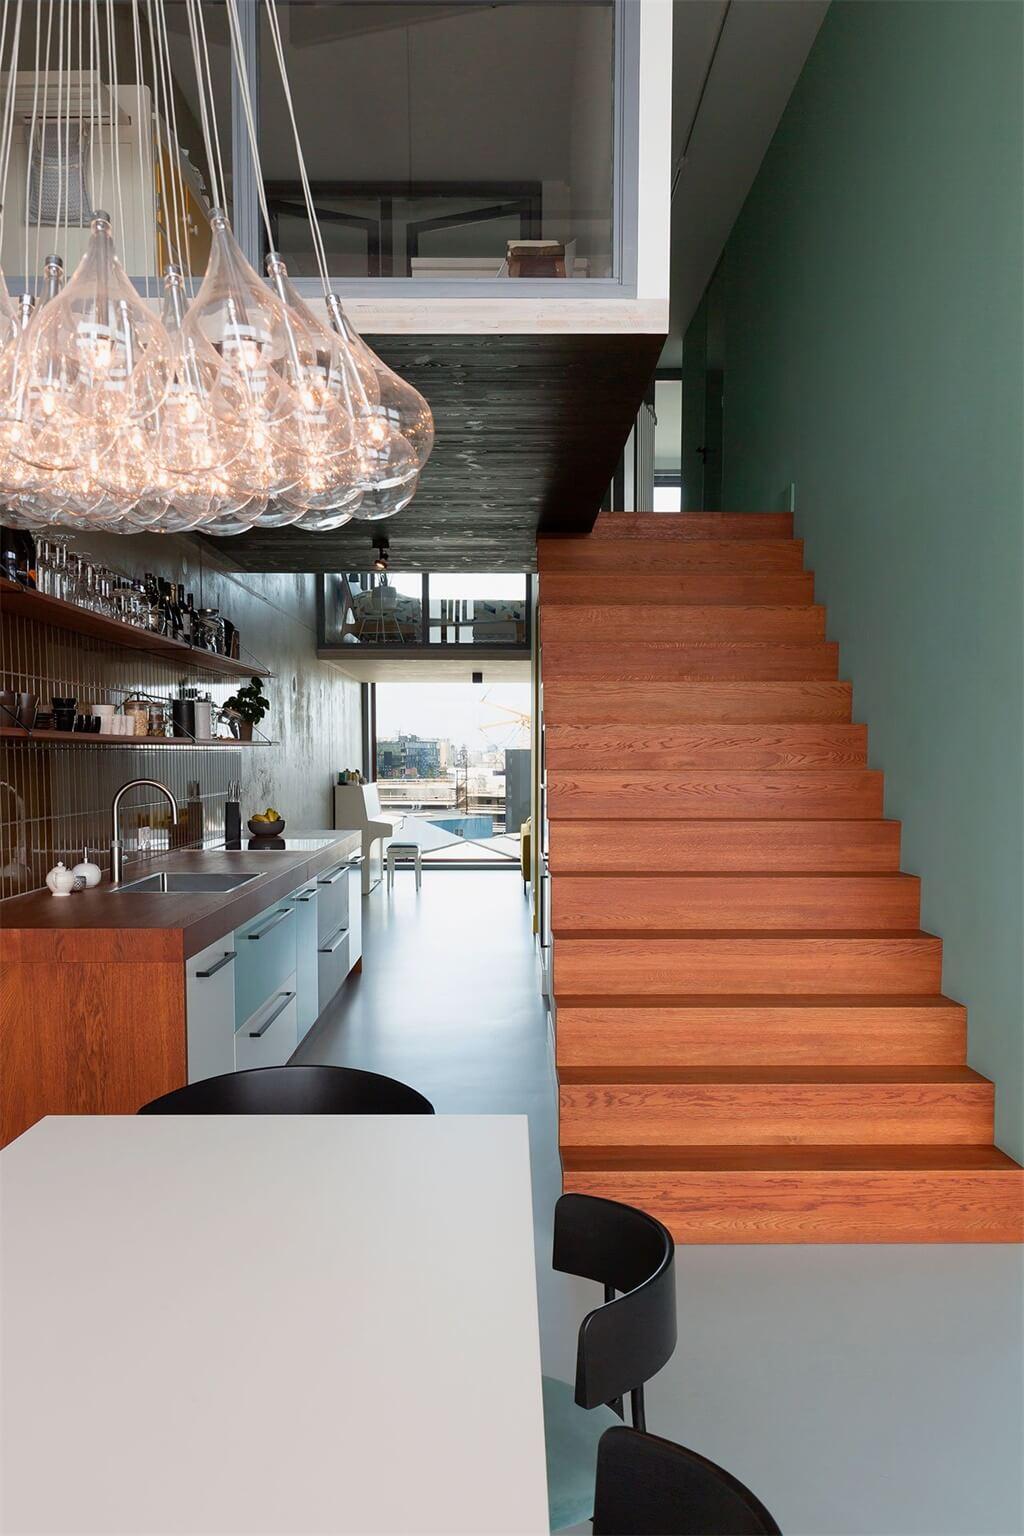 阿姆斯特丹的现代阁楼空间设计